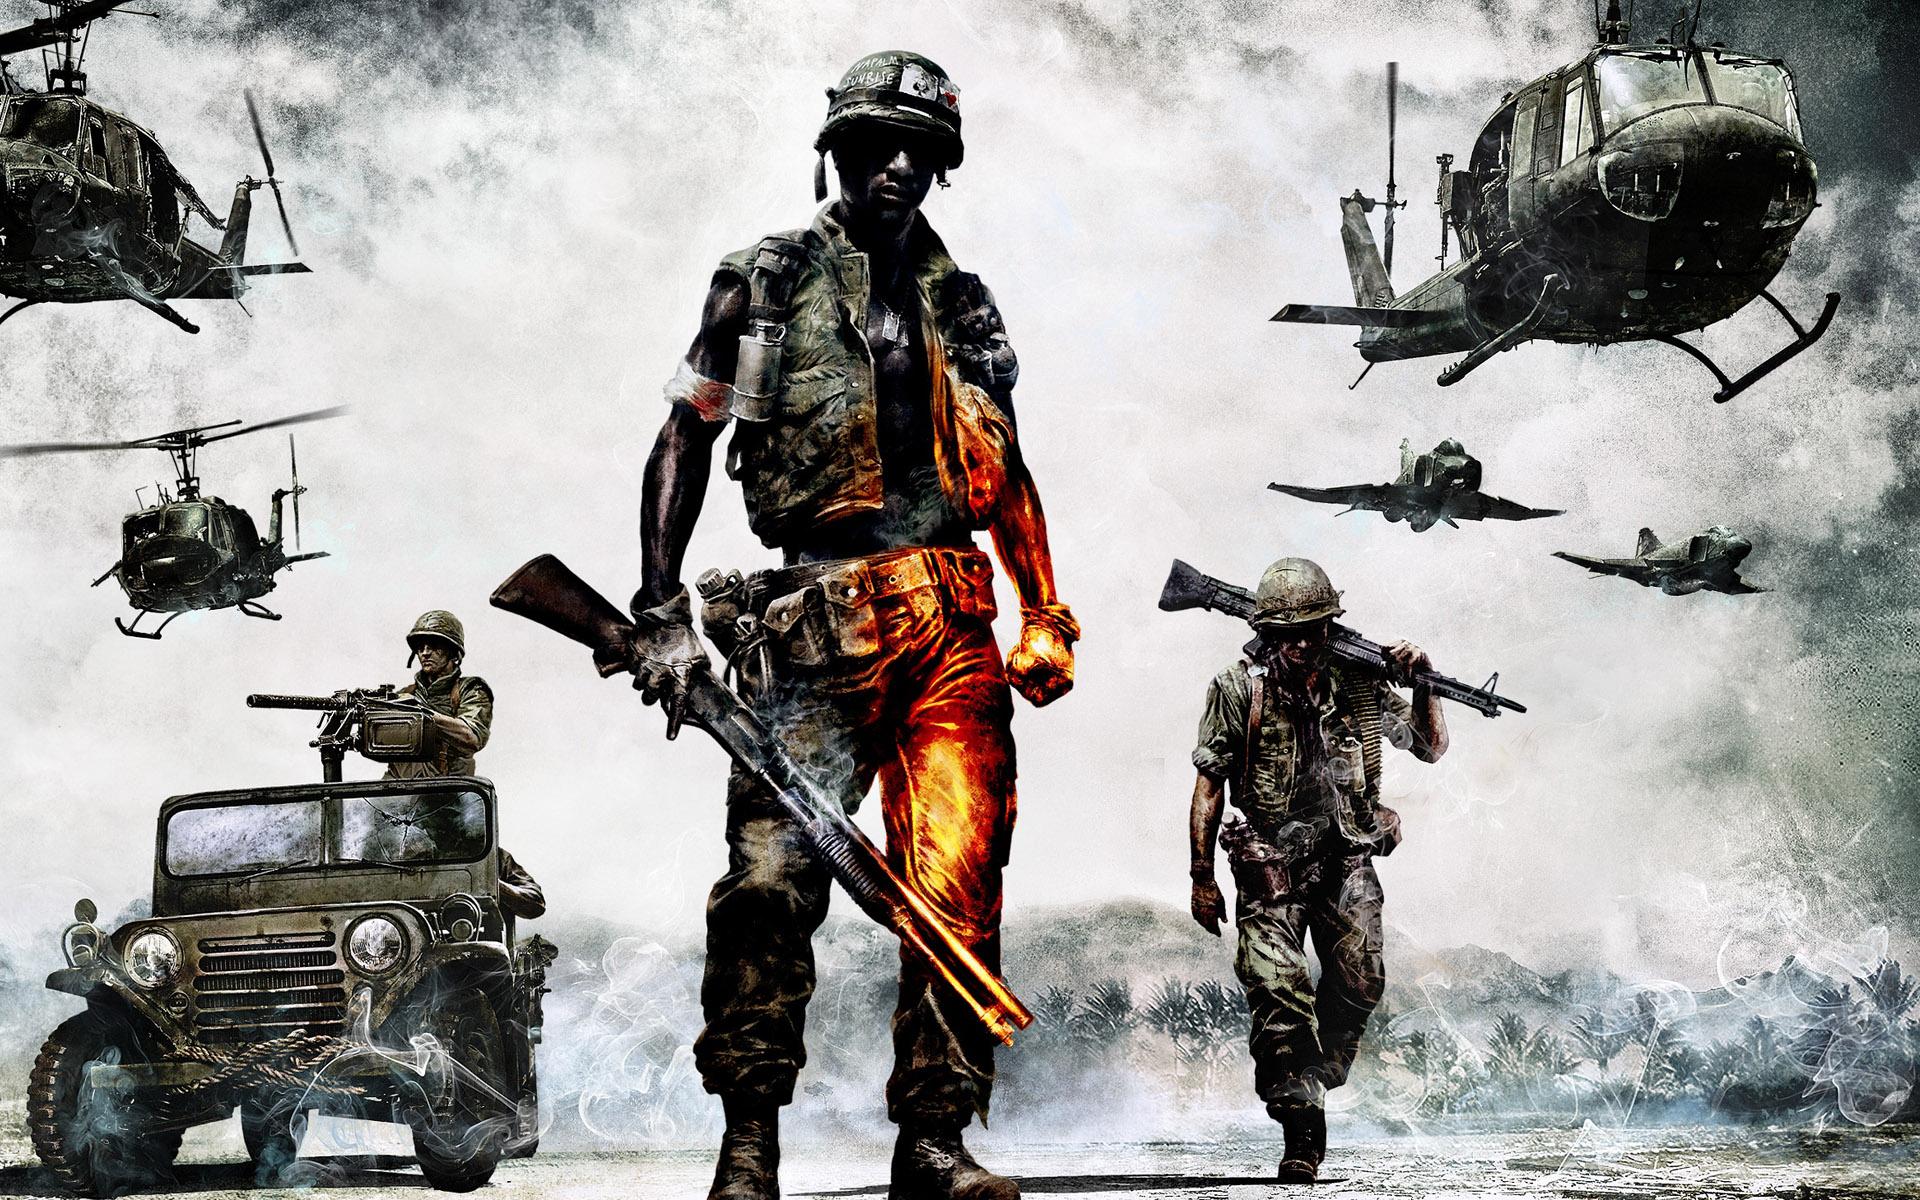 обои для рабочего стола, американский солдат, Вьетнам, american US soldier Vietnam wallpaper